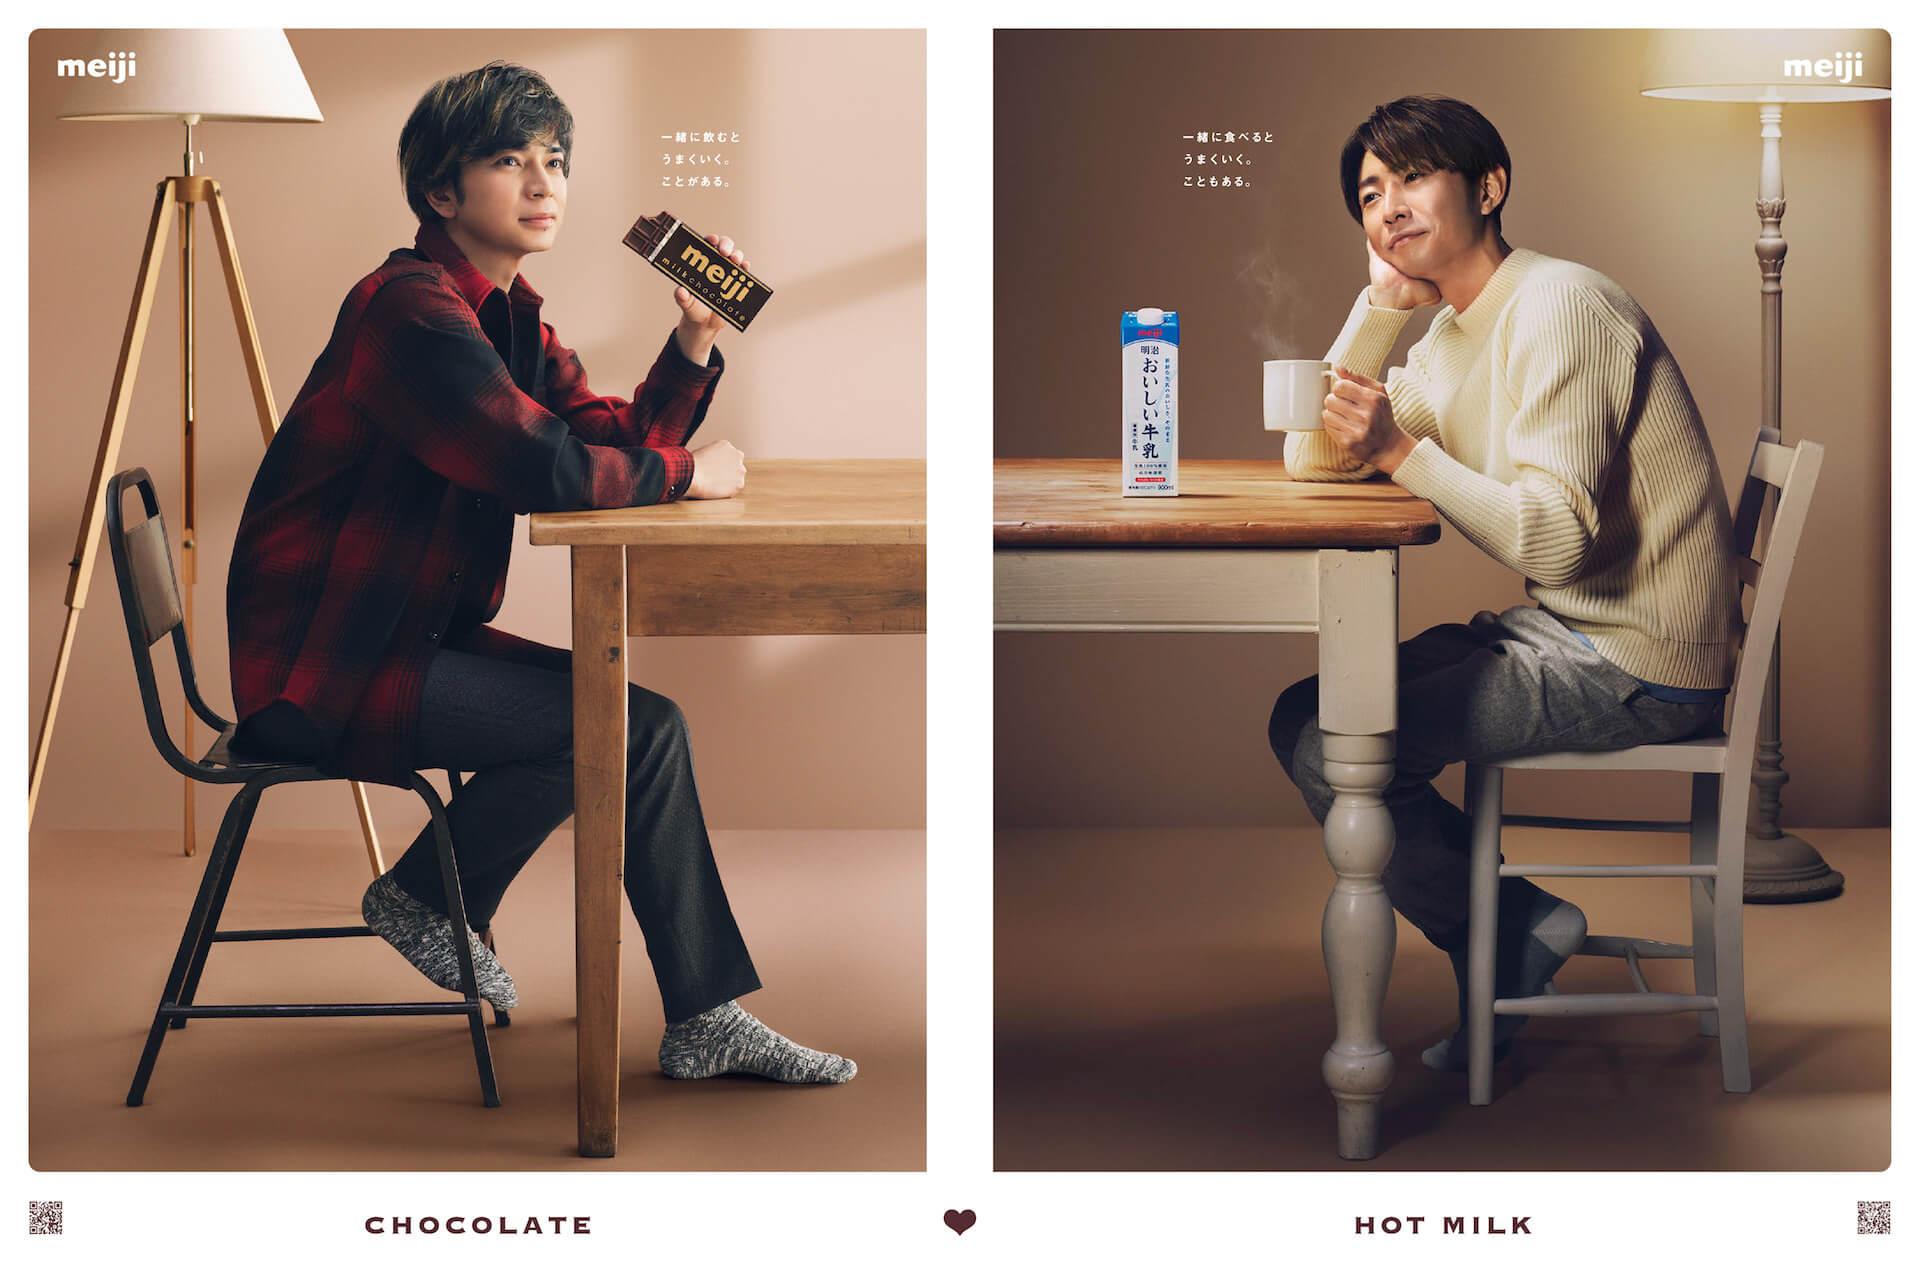 松本潤、相葉雅紀が特大サイズで渋谷駅をジャック|「明治おいしい牛乳」「明治ミルクチョコレート」ビジュアル広告が公開 gourmet_191031_meiji_2